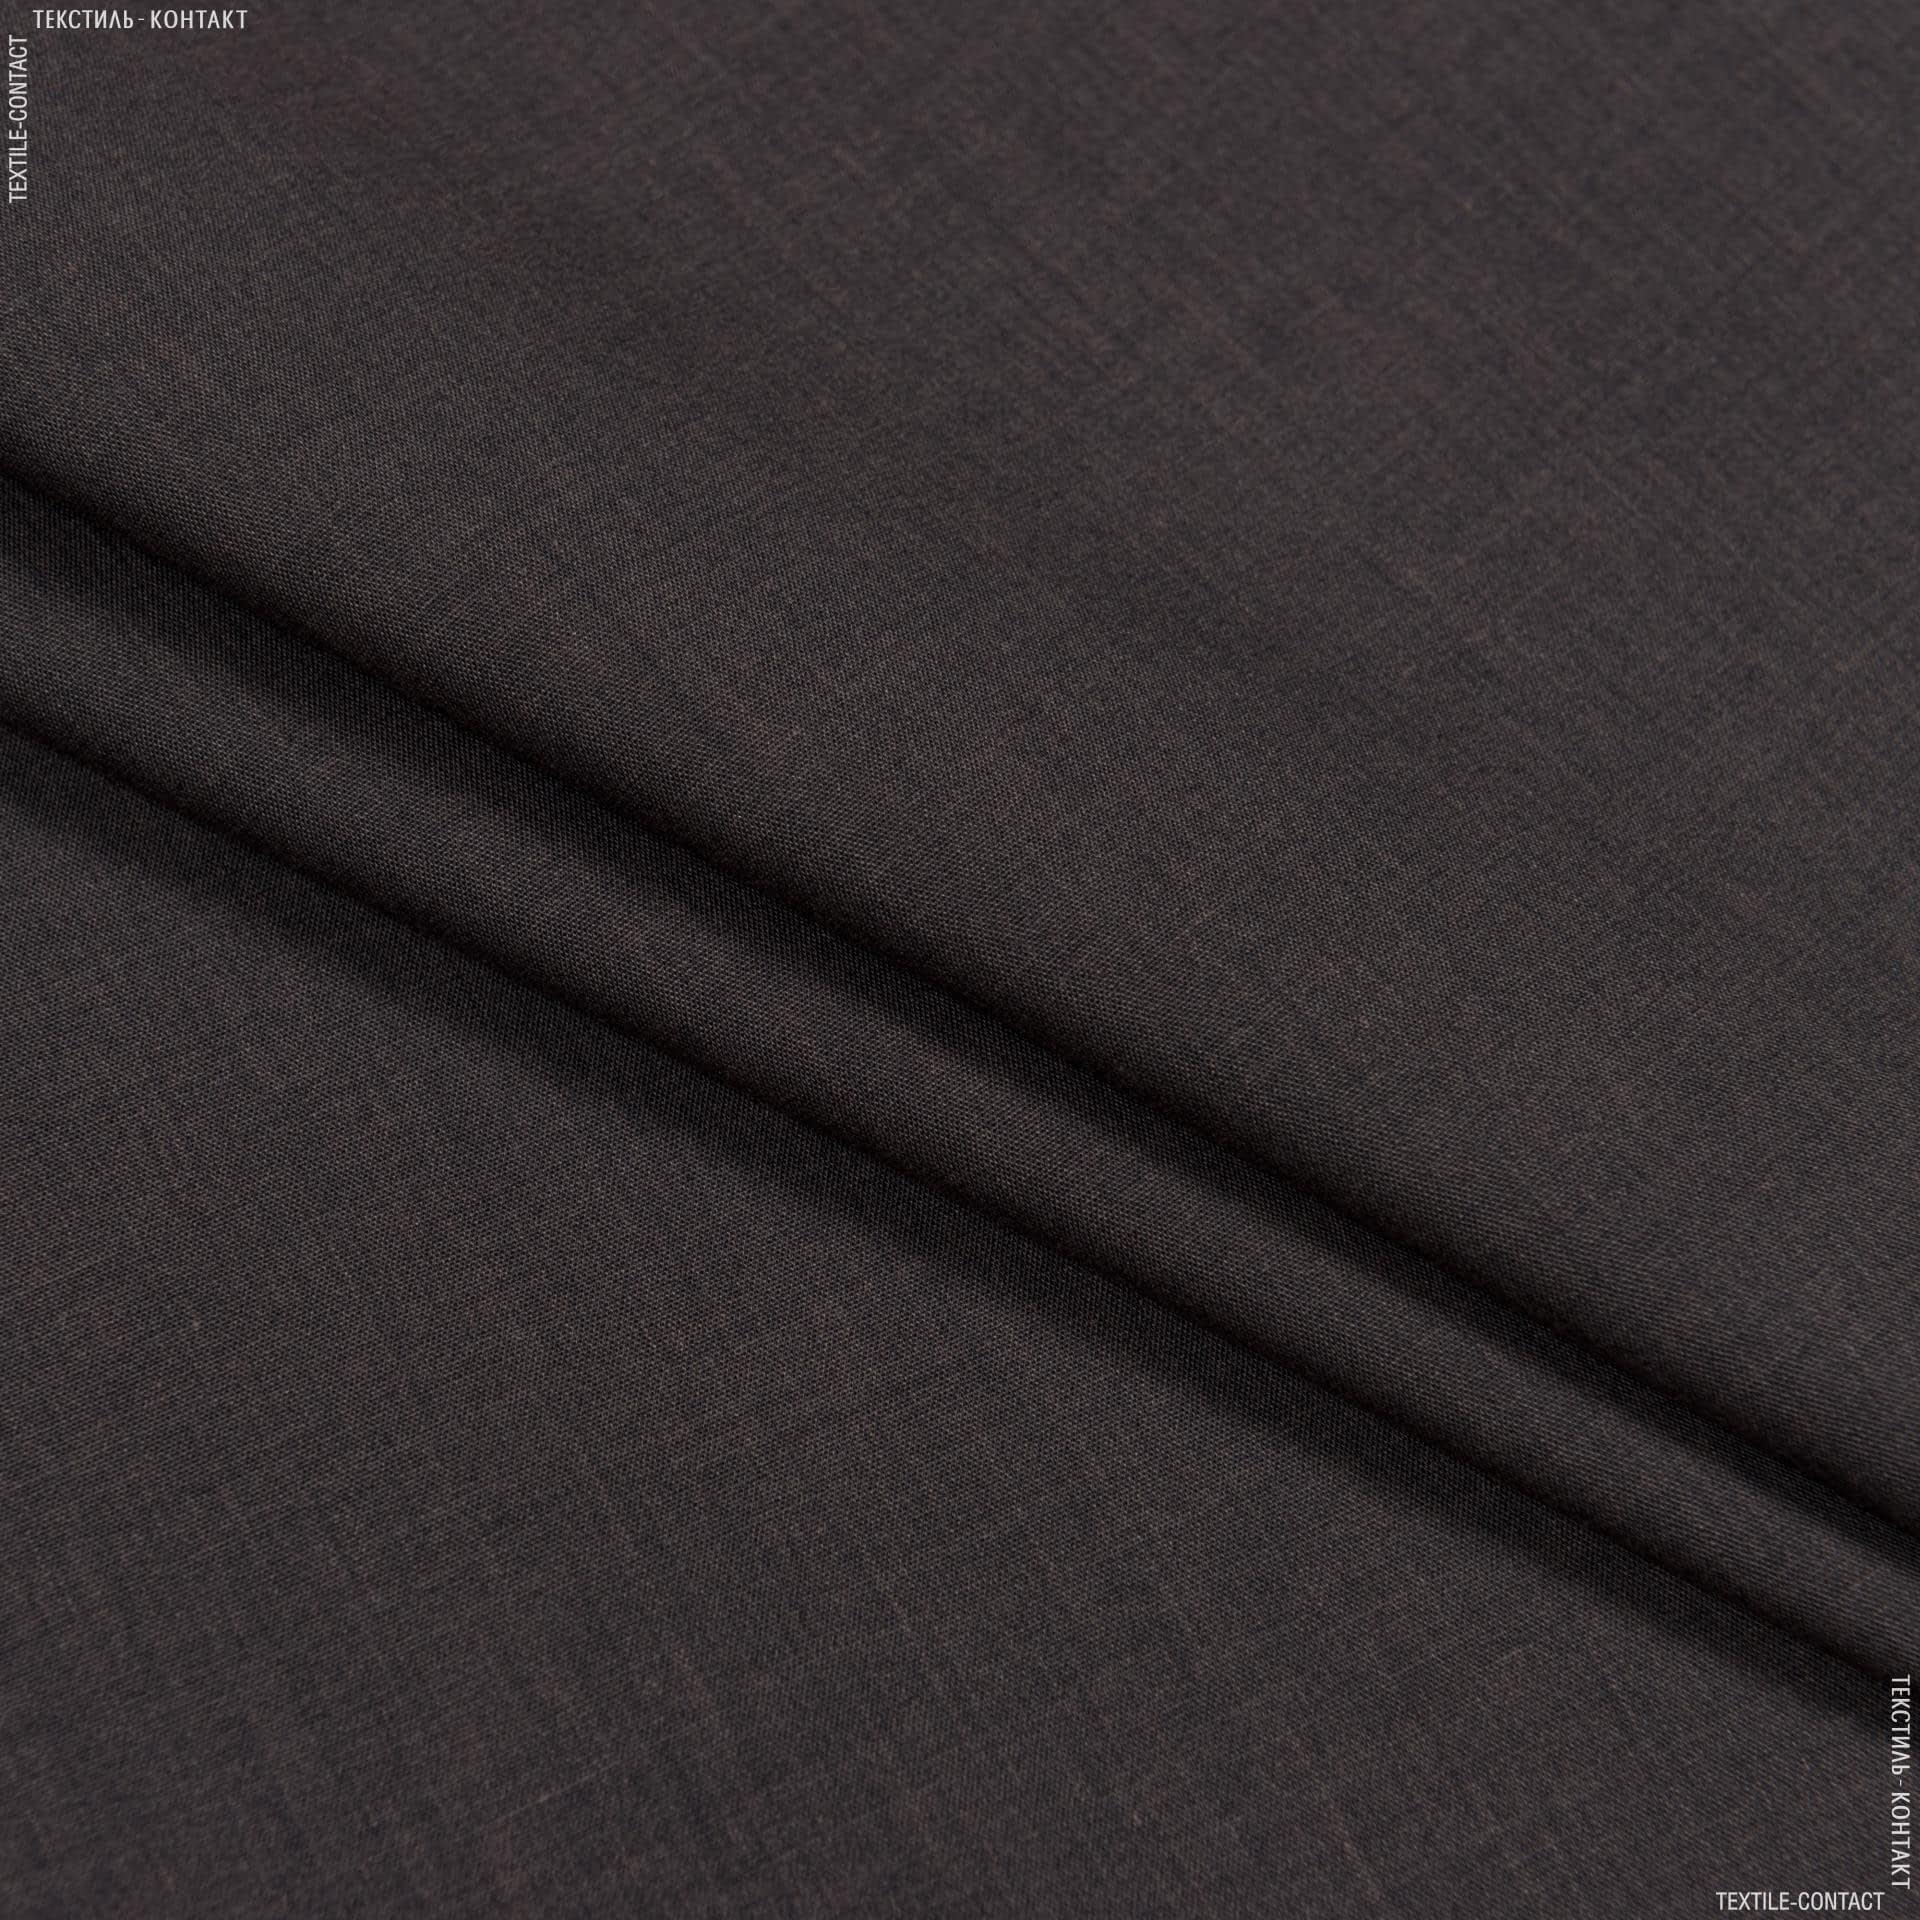 Тканини для суконь - Сорочкова меланж темно-коричневий